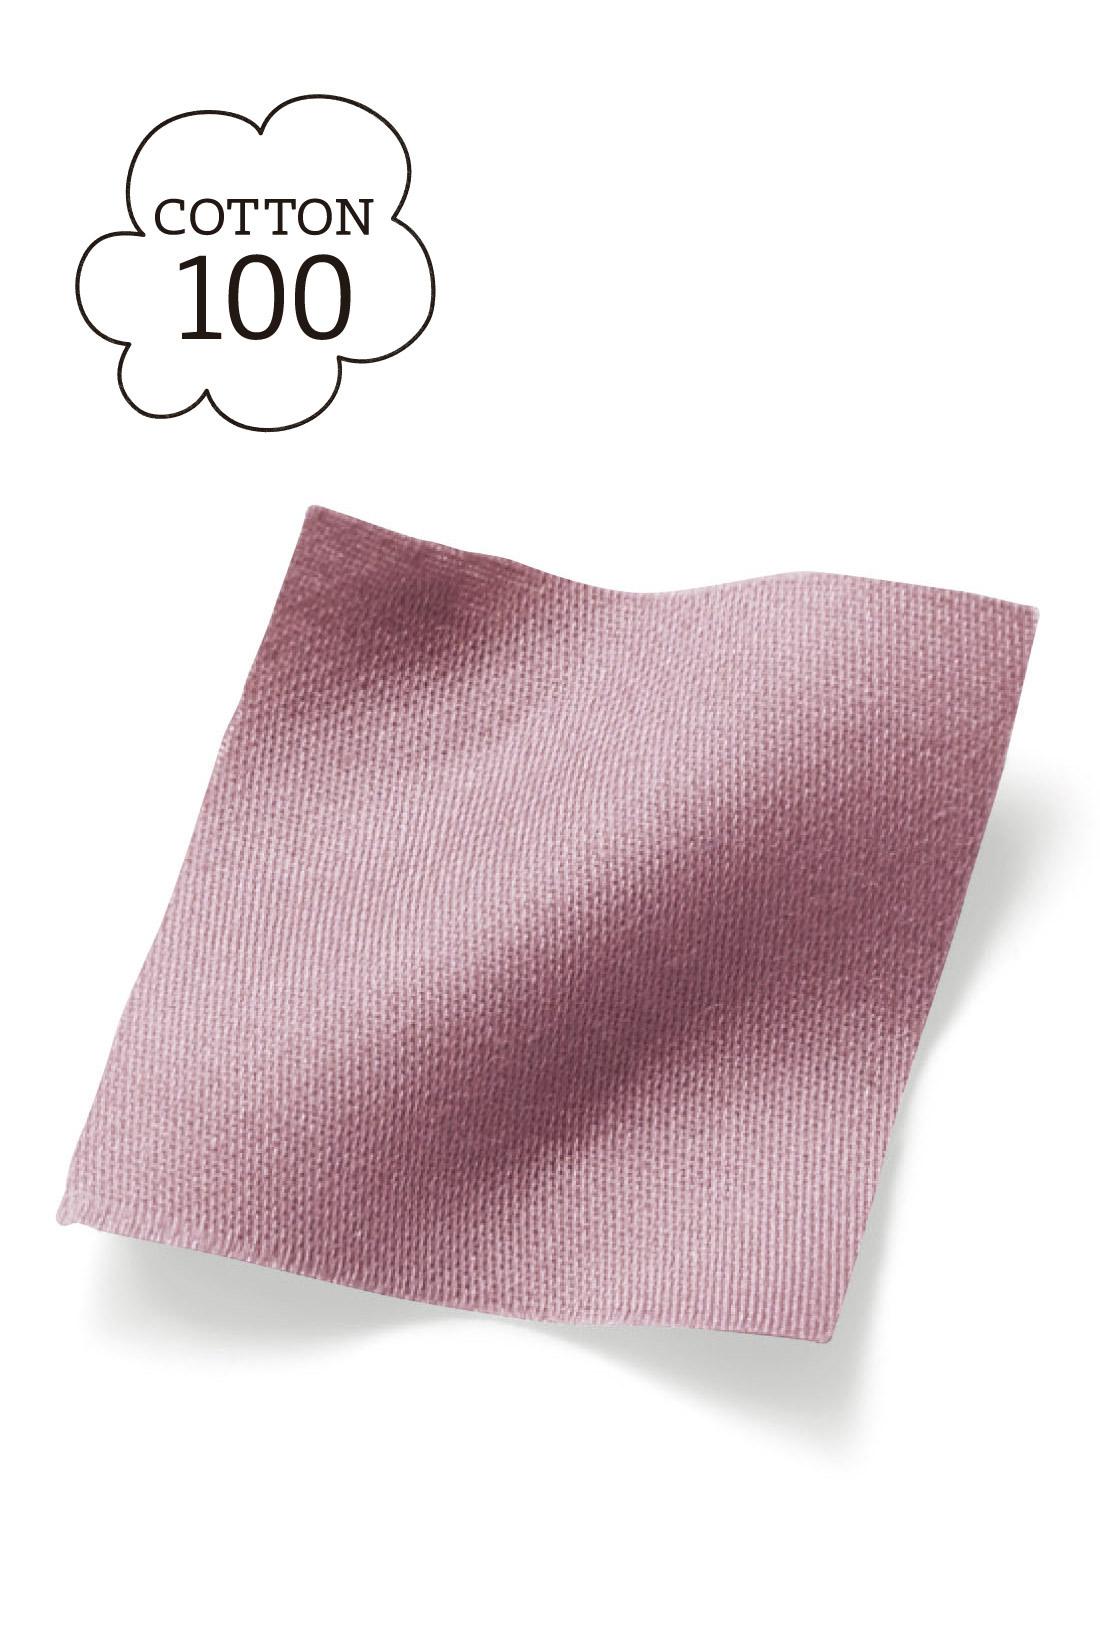 ほんのりきれいめな光沢感で大人な印象の、薄手のコットン100%素材。※お届けするカラーとは異なります。